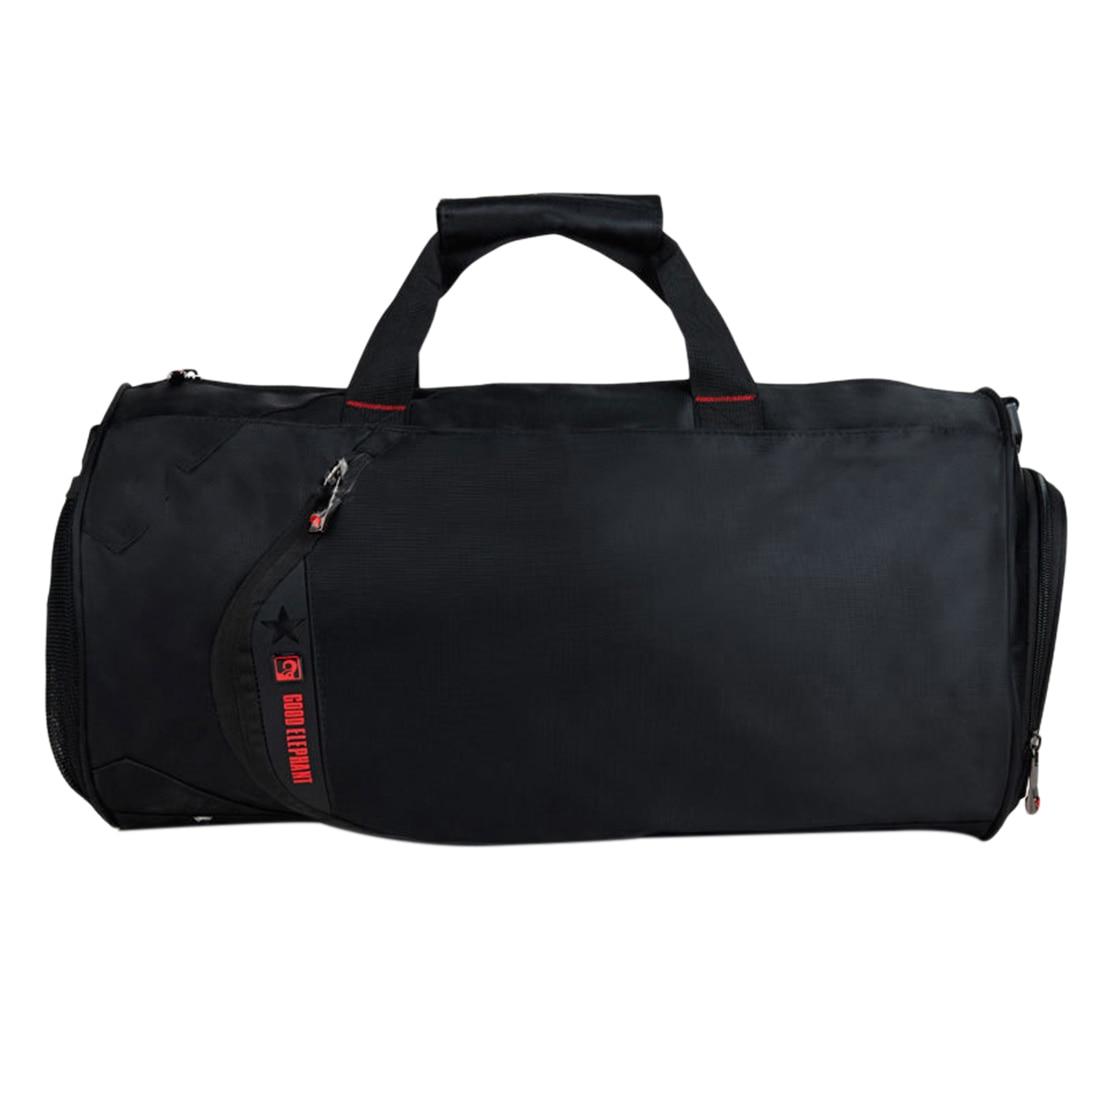 Men 18L Sports Gym Bag Soft Polyester Sport Bag Tote Duffel Travel Bag Gym Fitness Anti-Slip Sport Shoulder Bag With Pad Strap